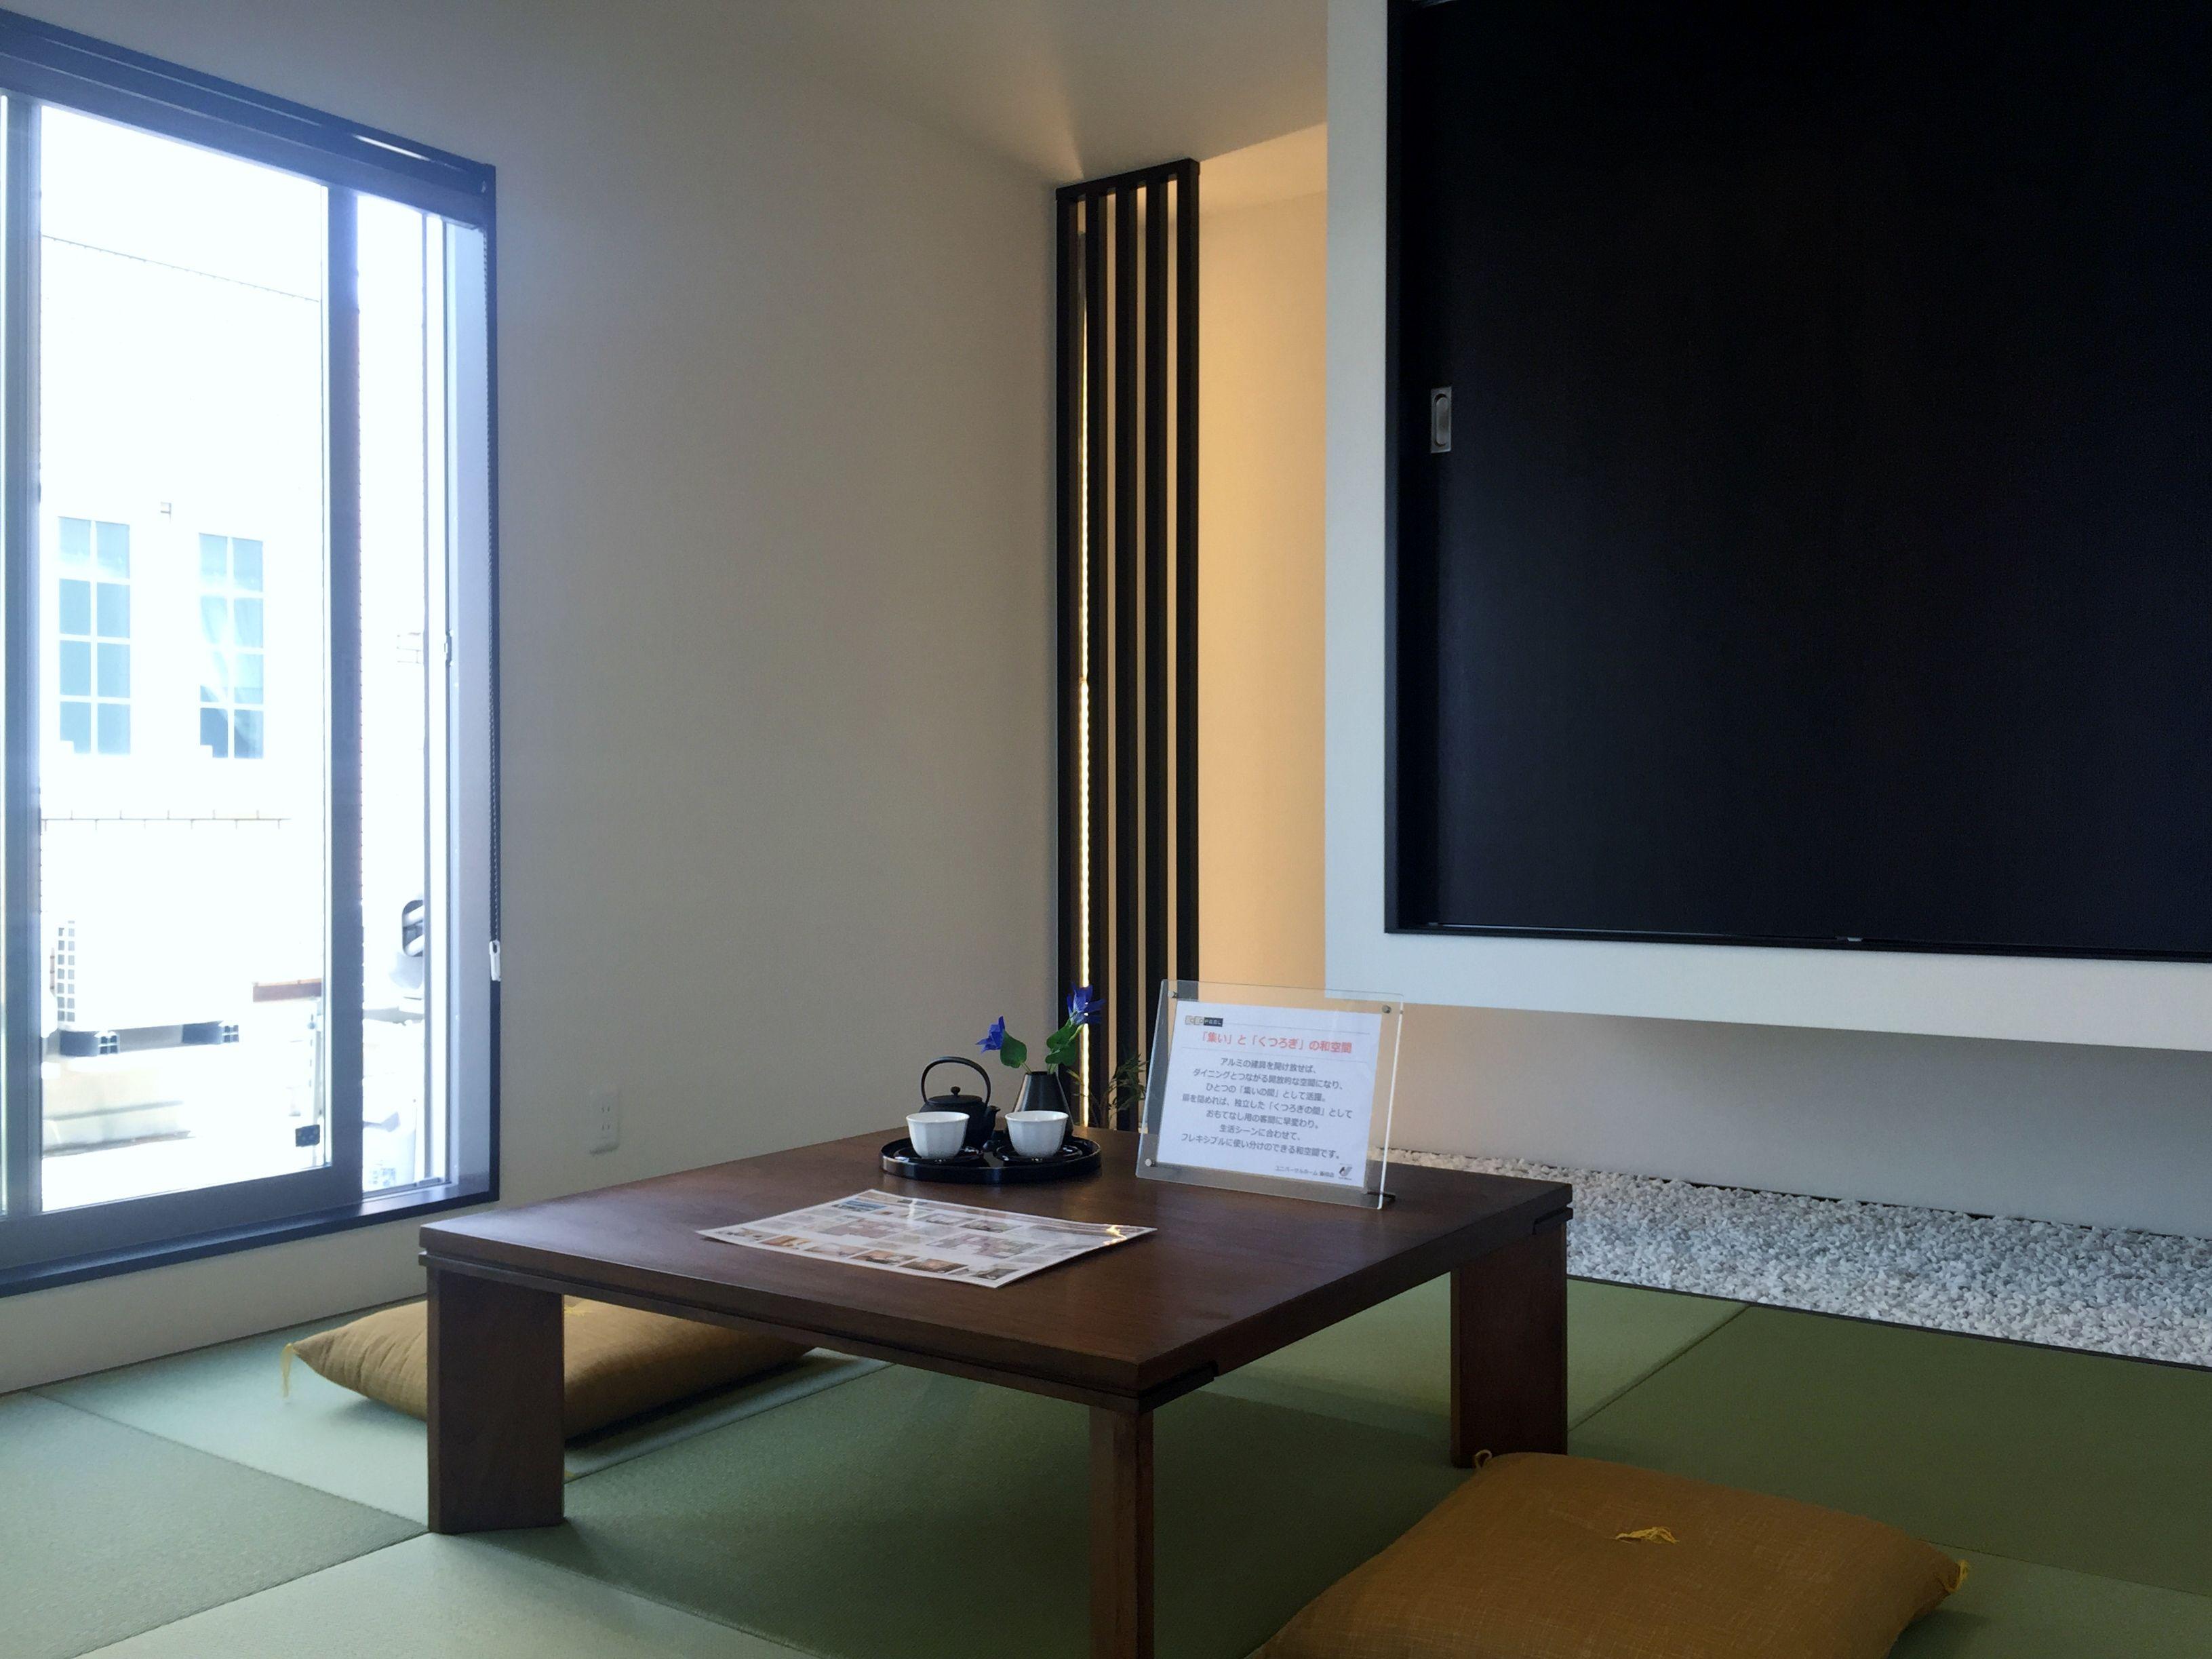 おもてなし用の個室としても、ダイニングキッチンの延長としても使えるフレキシブルな和室。